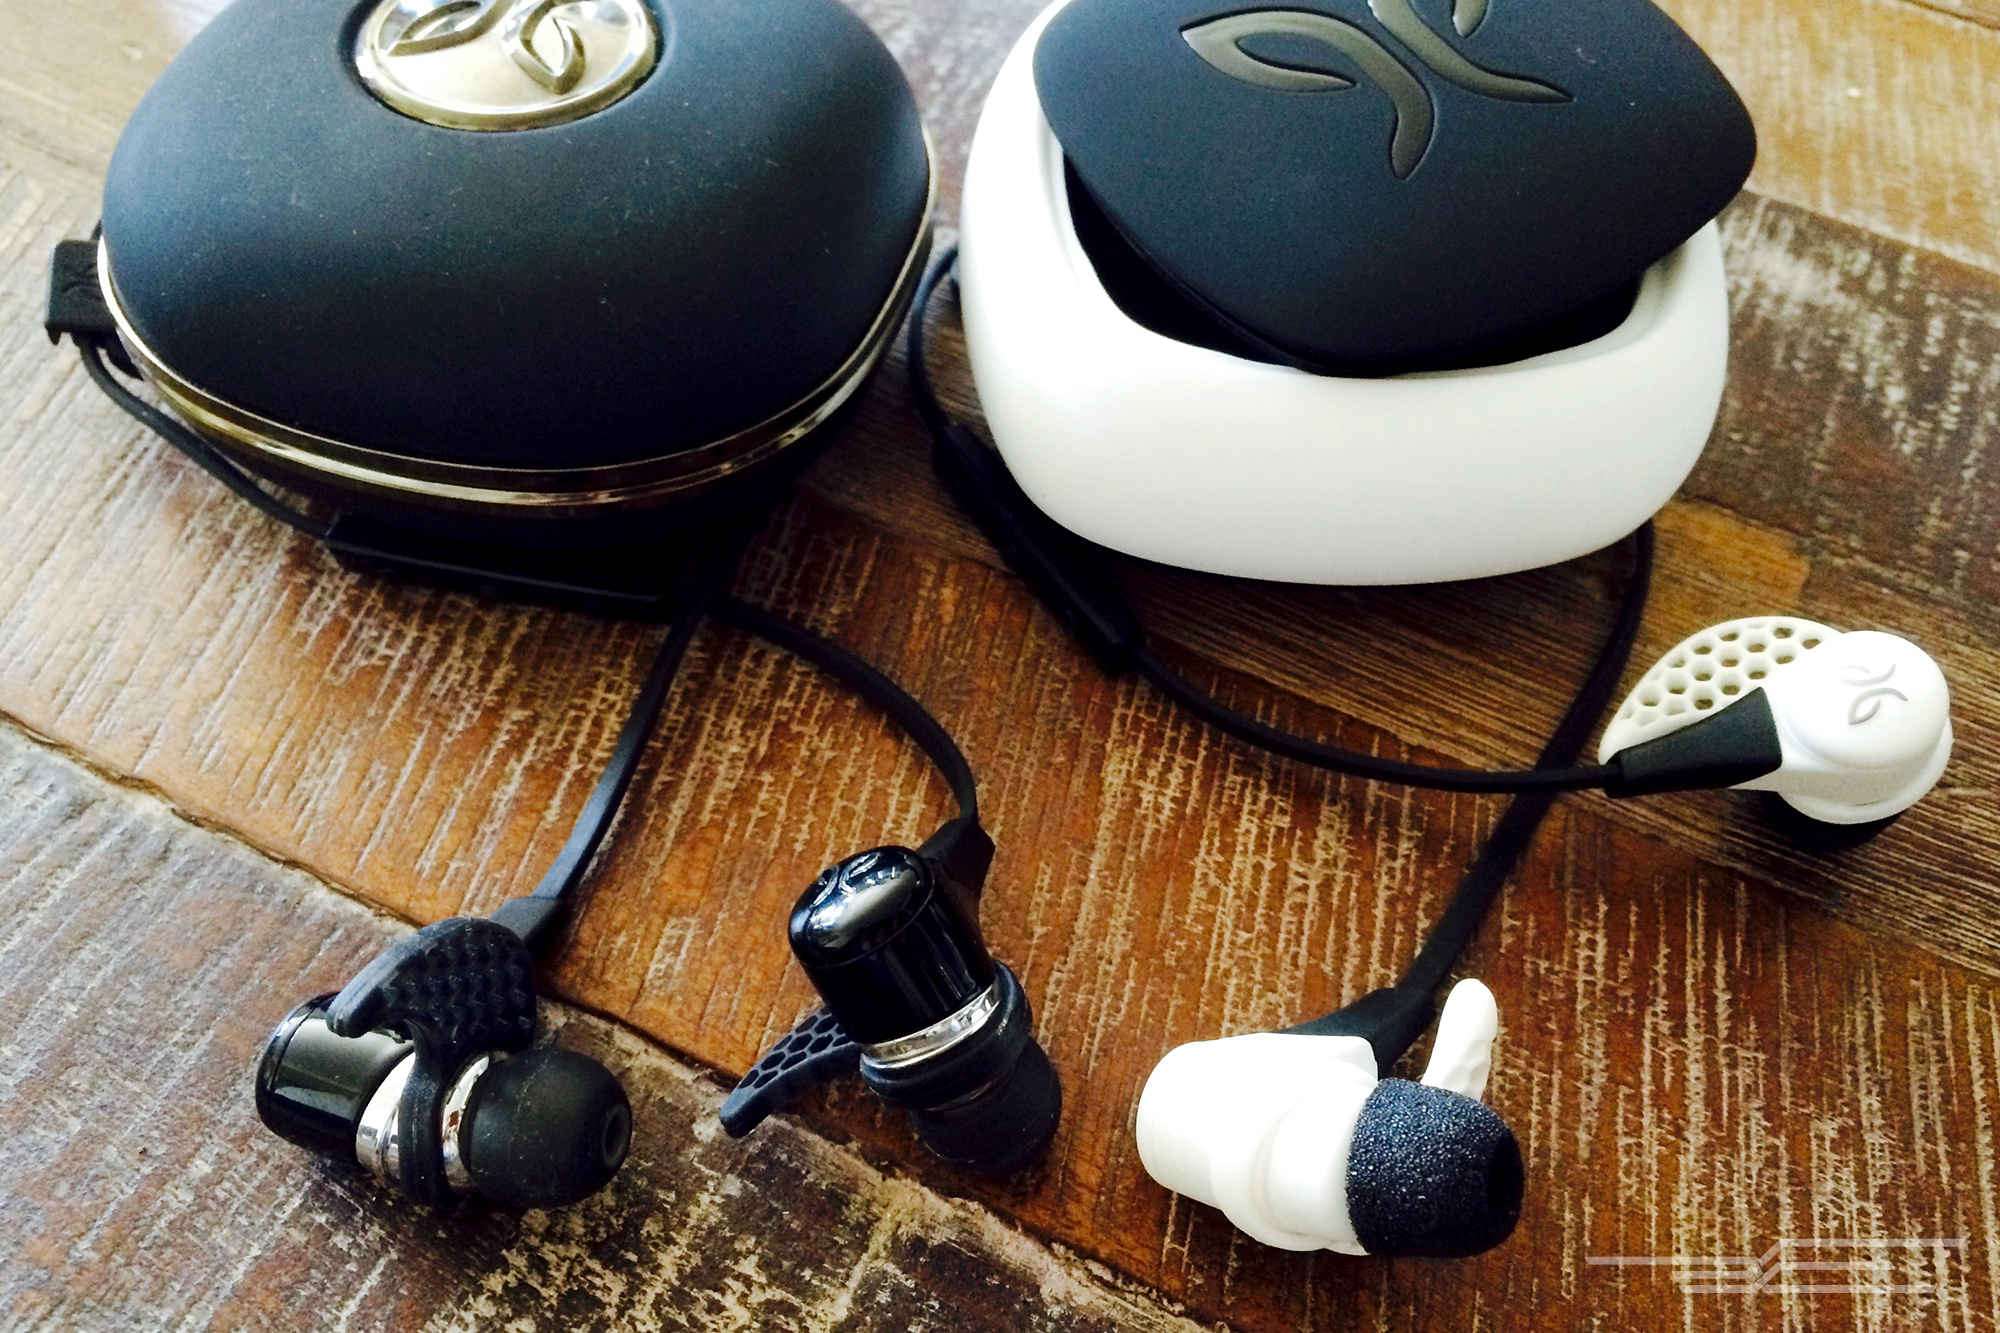 The best wireless exercise headphones